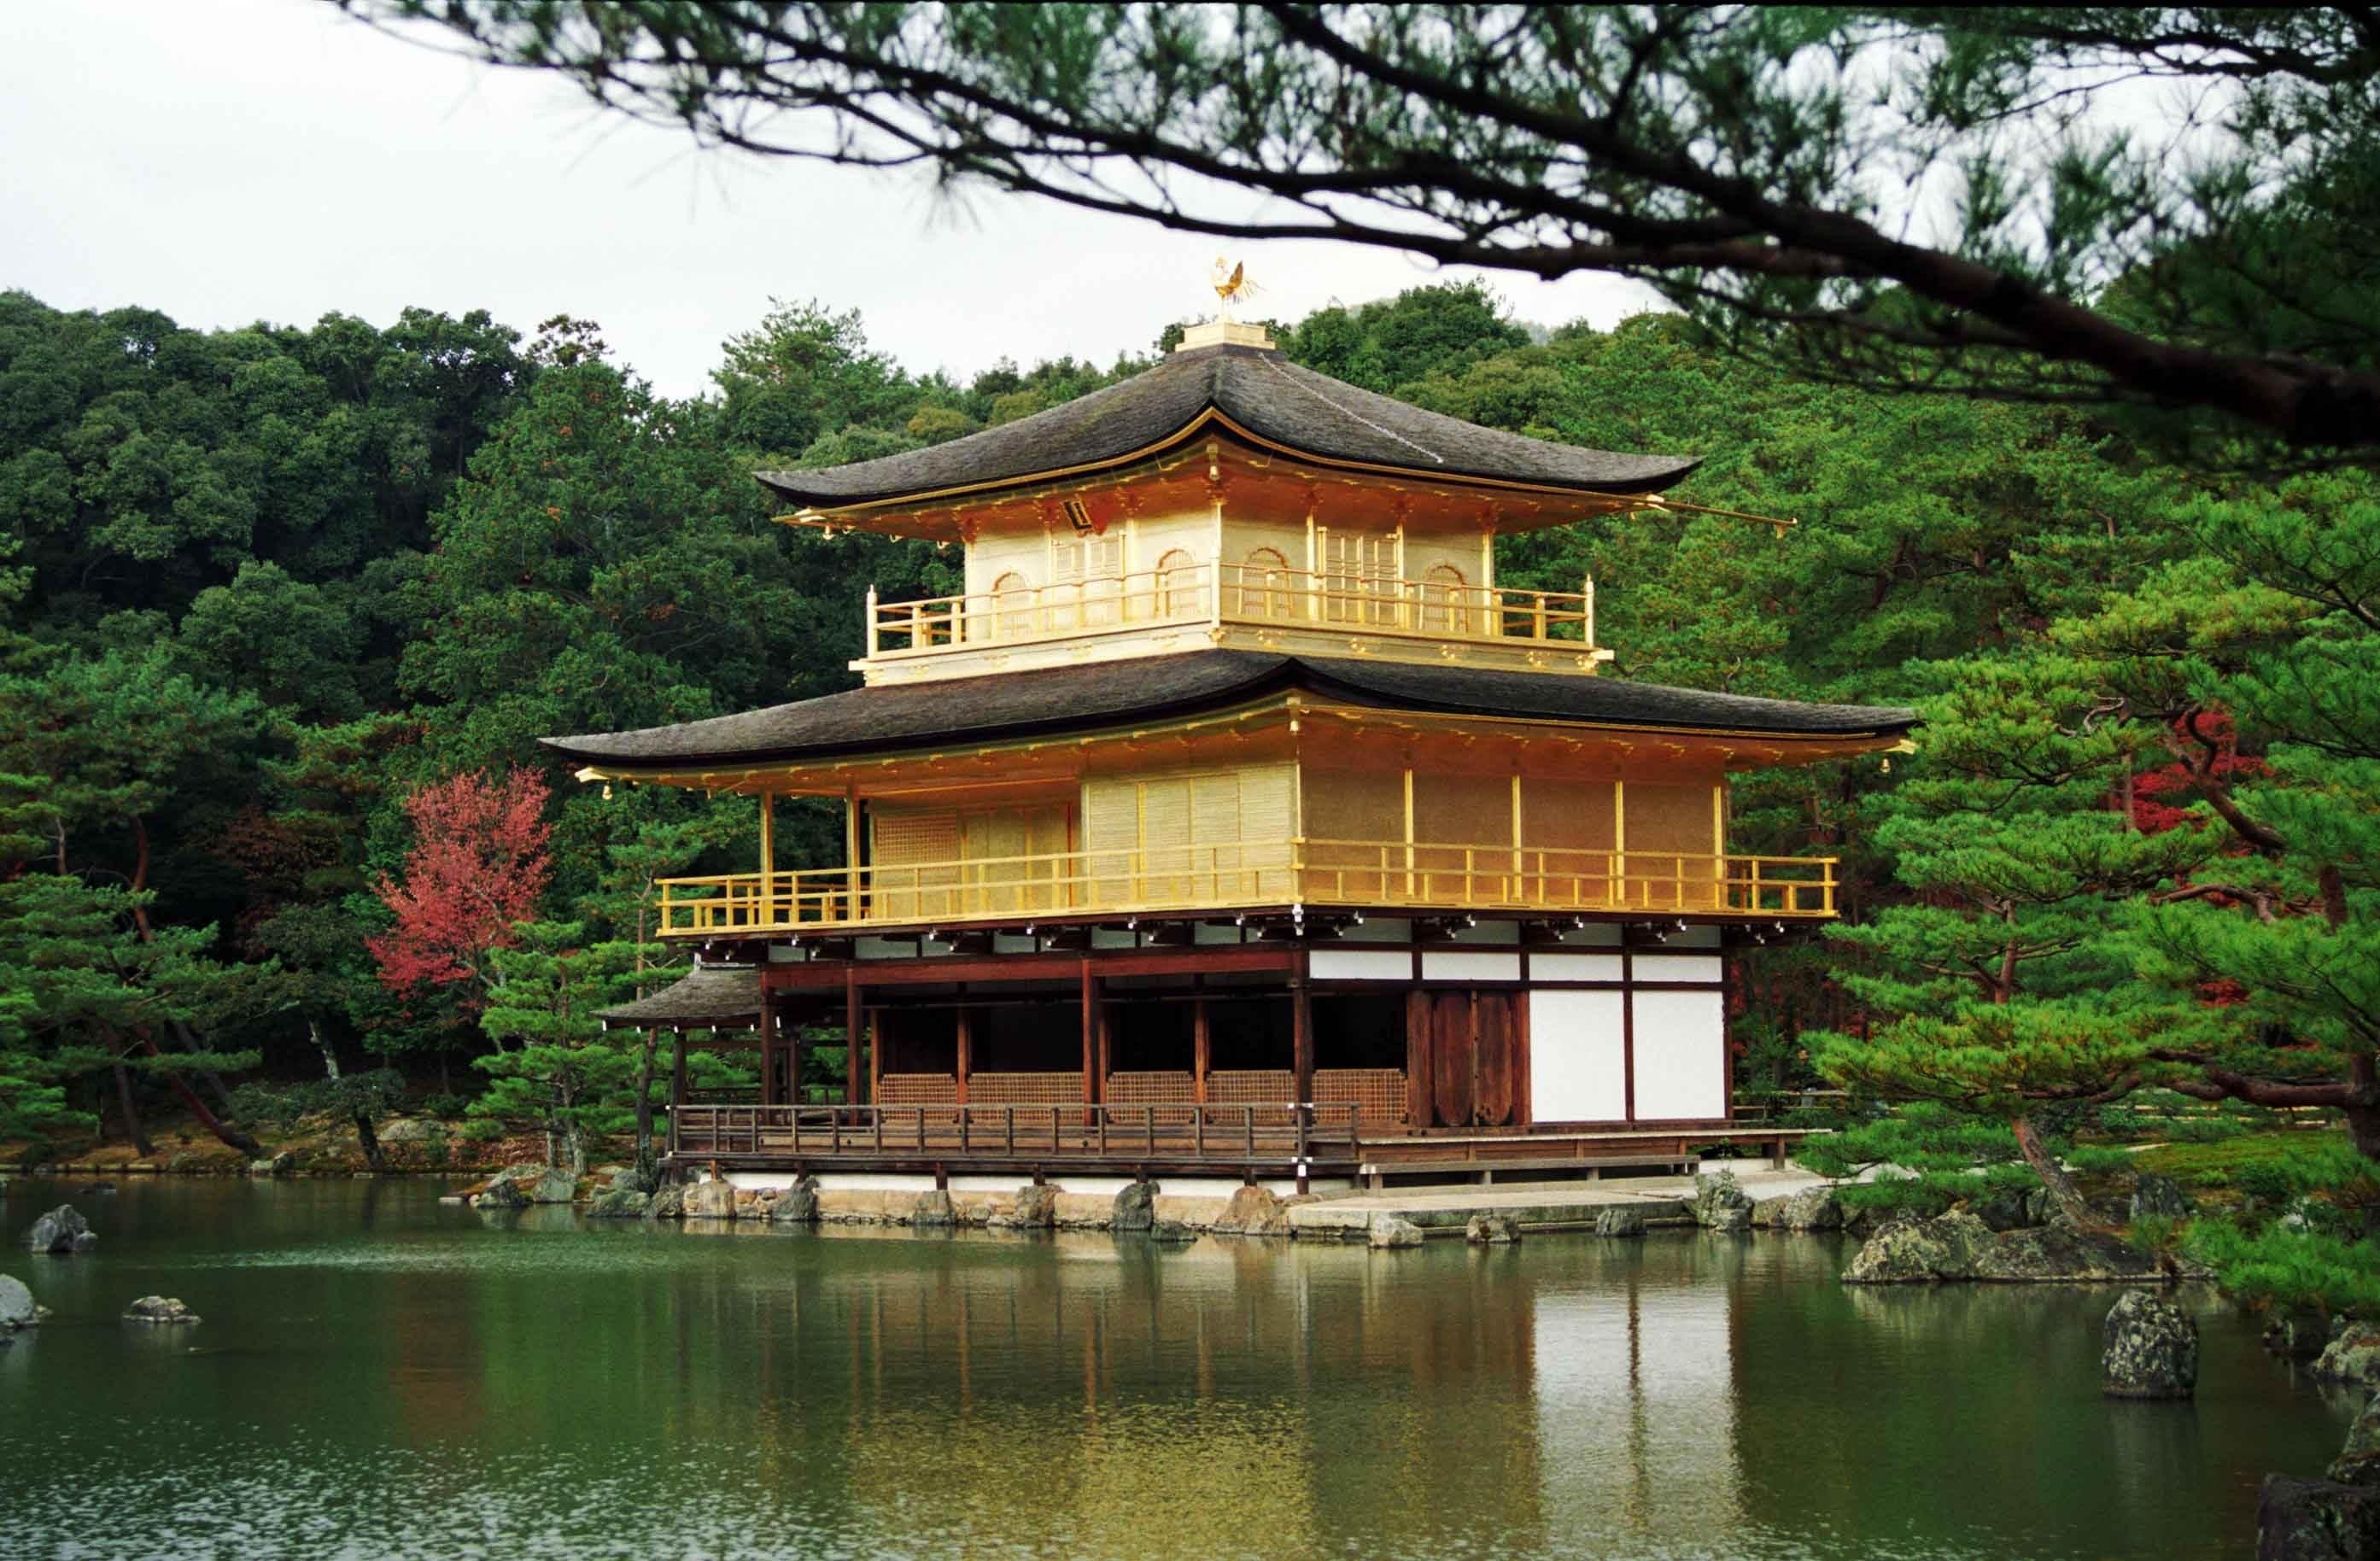 【日本】本州东阪富士山芝樱祭、和服体验双古都六日经典之旅